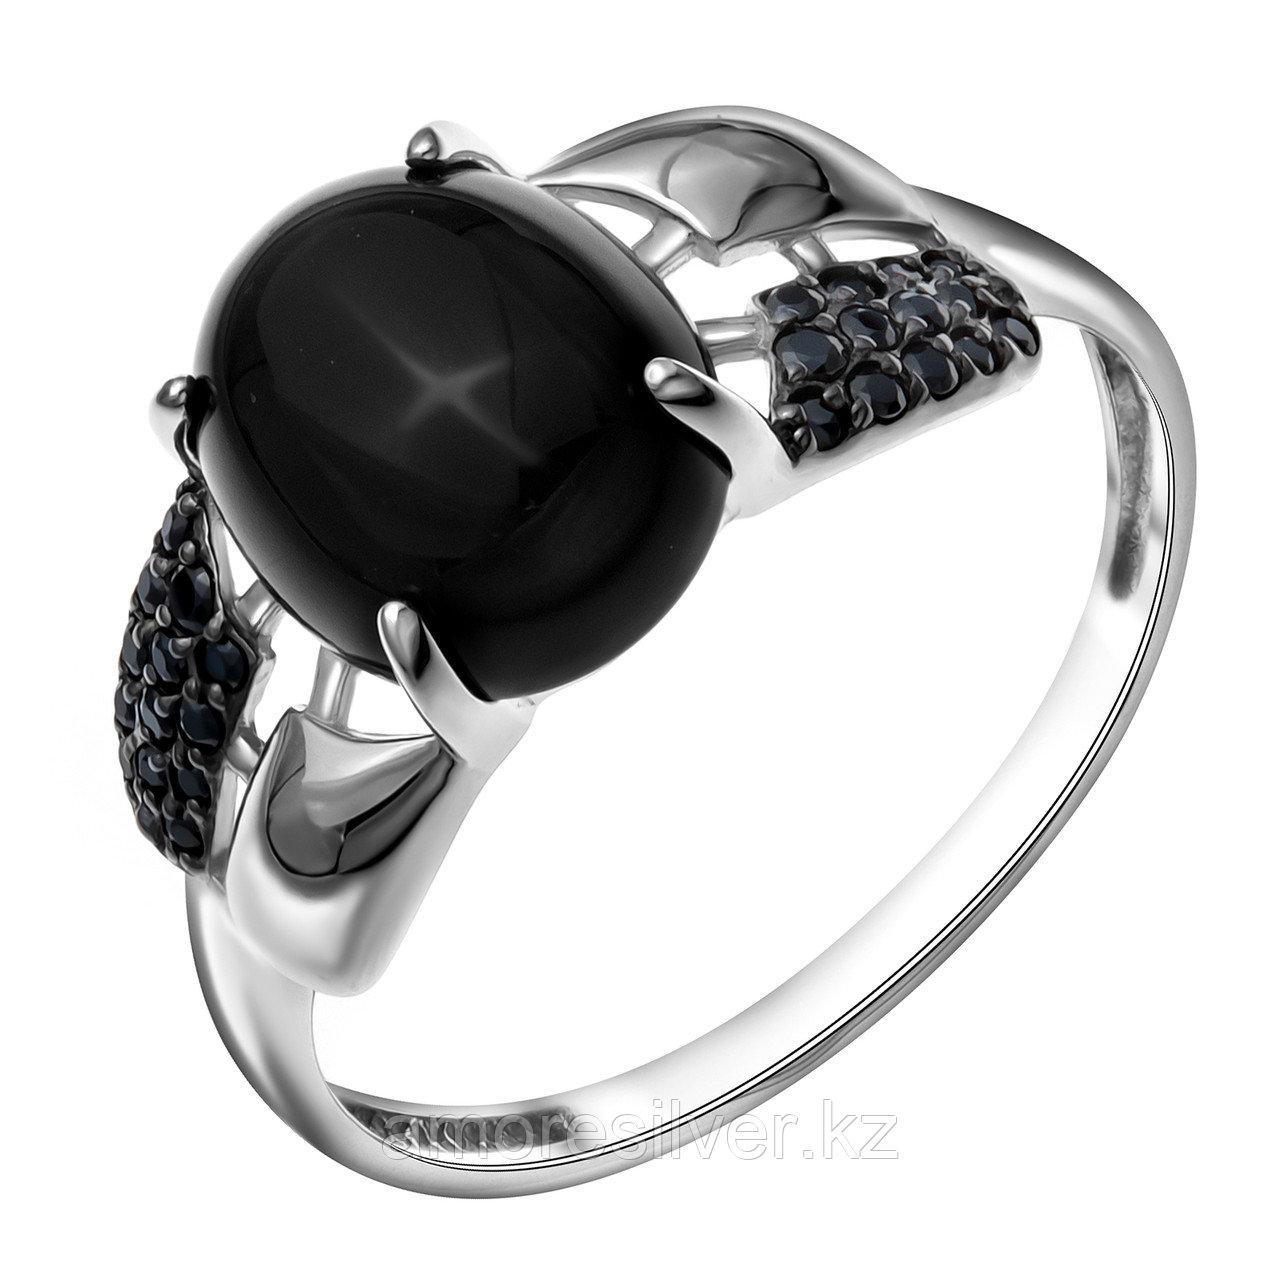 Серебряное кольцо с фианитом и ониксом чёрным TEOSA размеры 18,5 - есть комплект